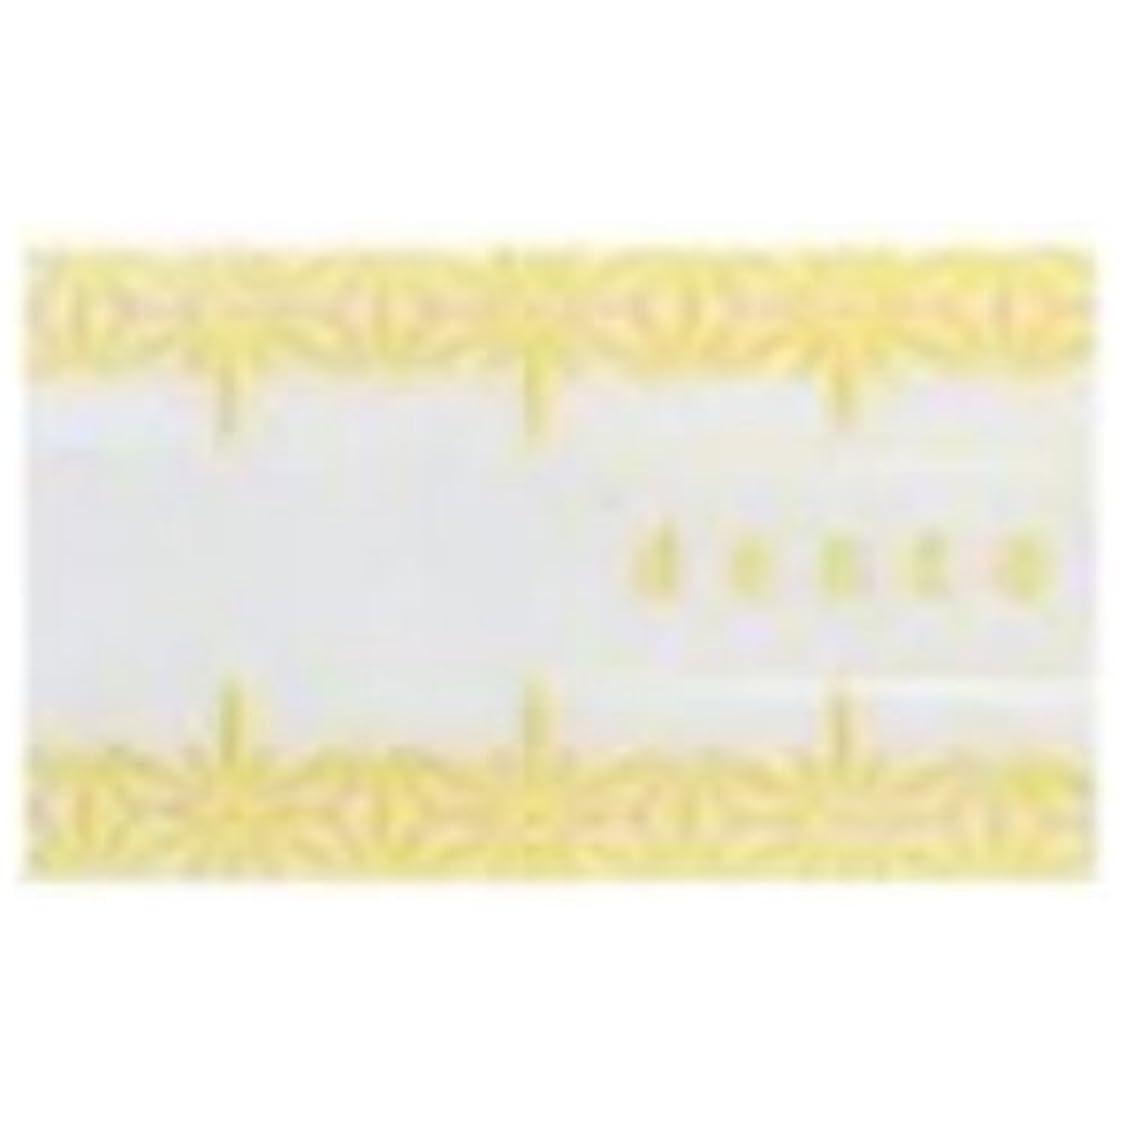 神経障害めまい幻影薫寿堂 紙のお香 美香 檀の香り 30枚入